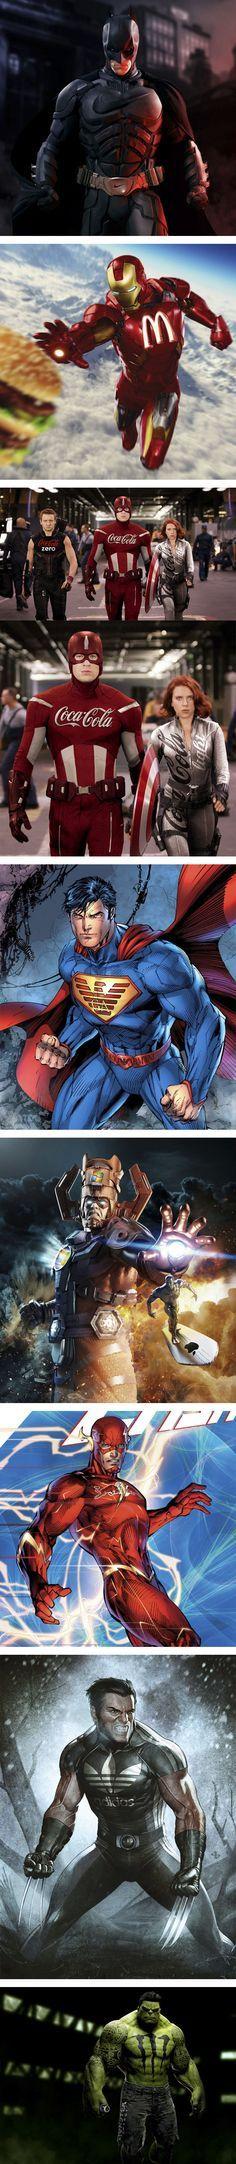 Já imaginou se os heróis existissem de verdade? Com certeza iriam faturar uma graninha com patrocínio... Kkkkkk